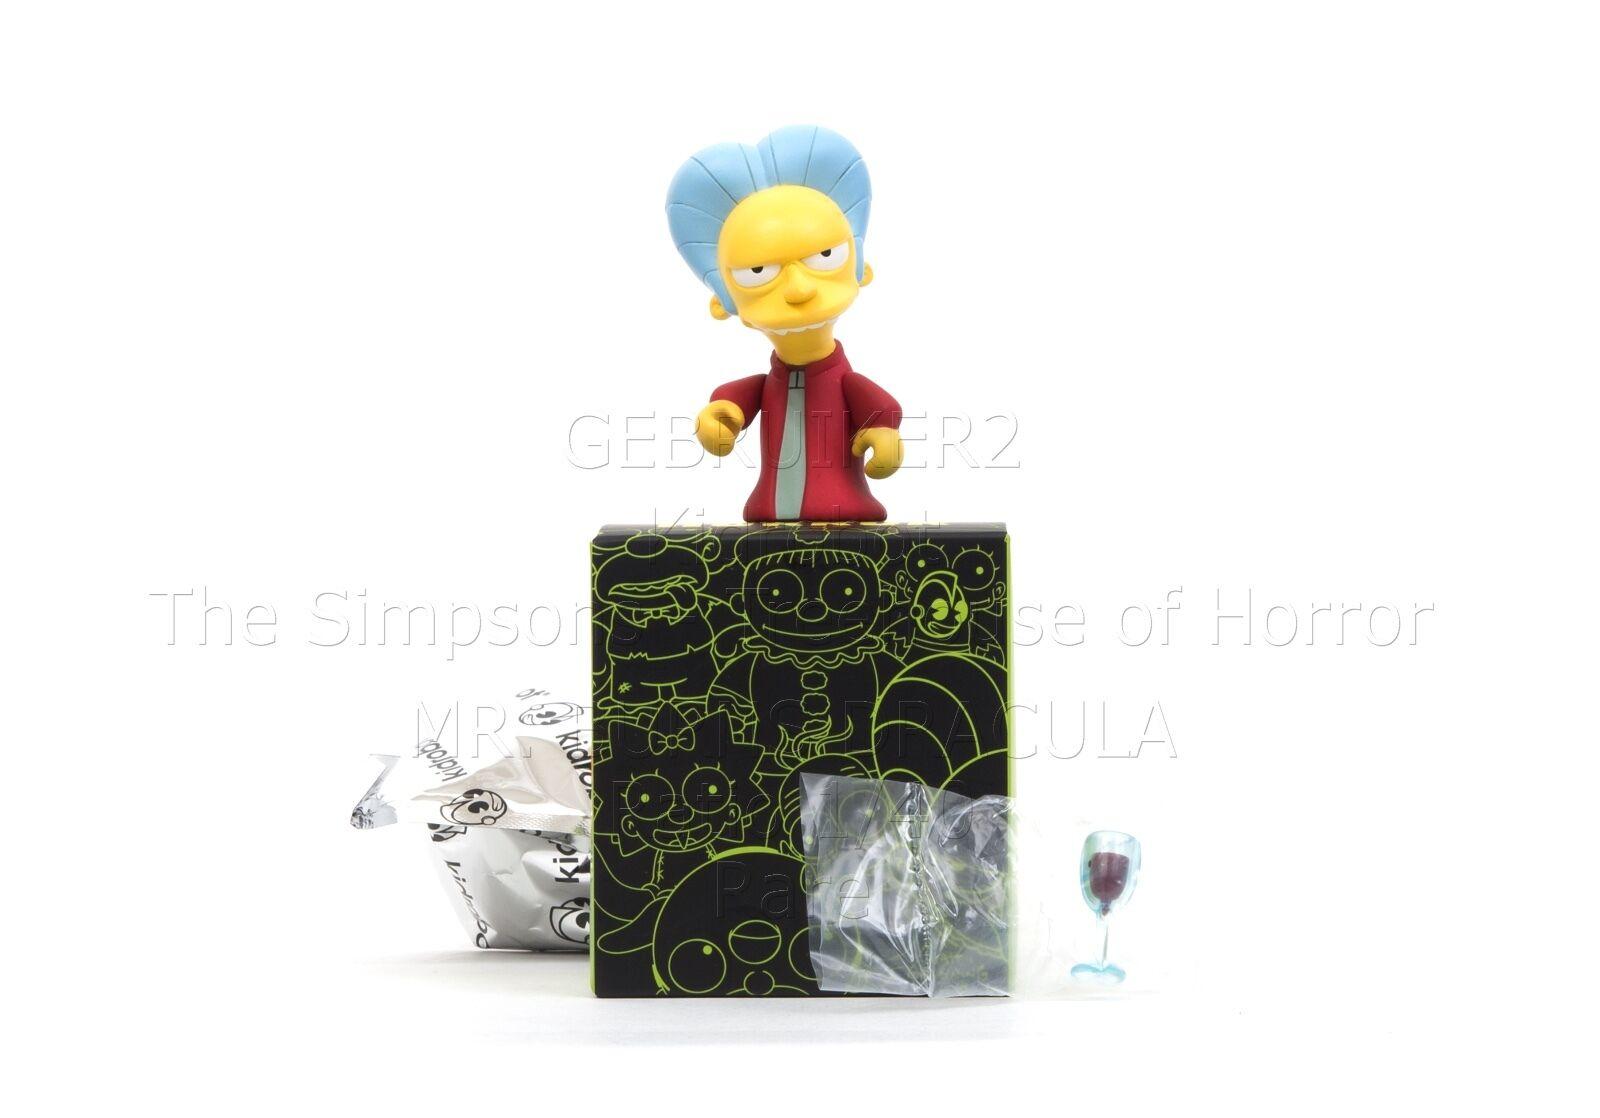 Kidrobot The Simpsons Treehouse of Horror MR. BURNS DRACULA 1 40 Matt Groening